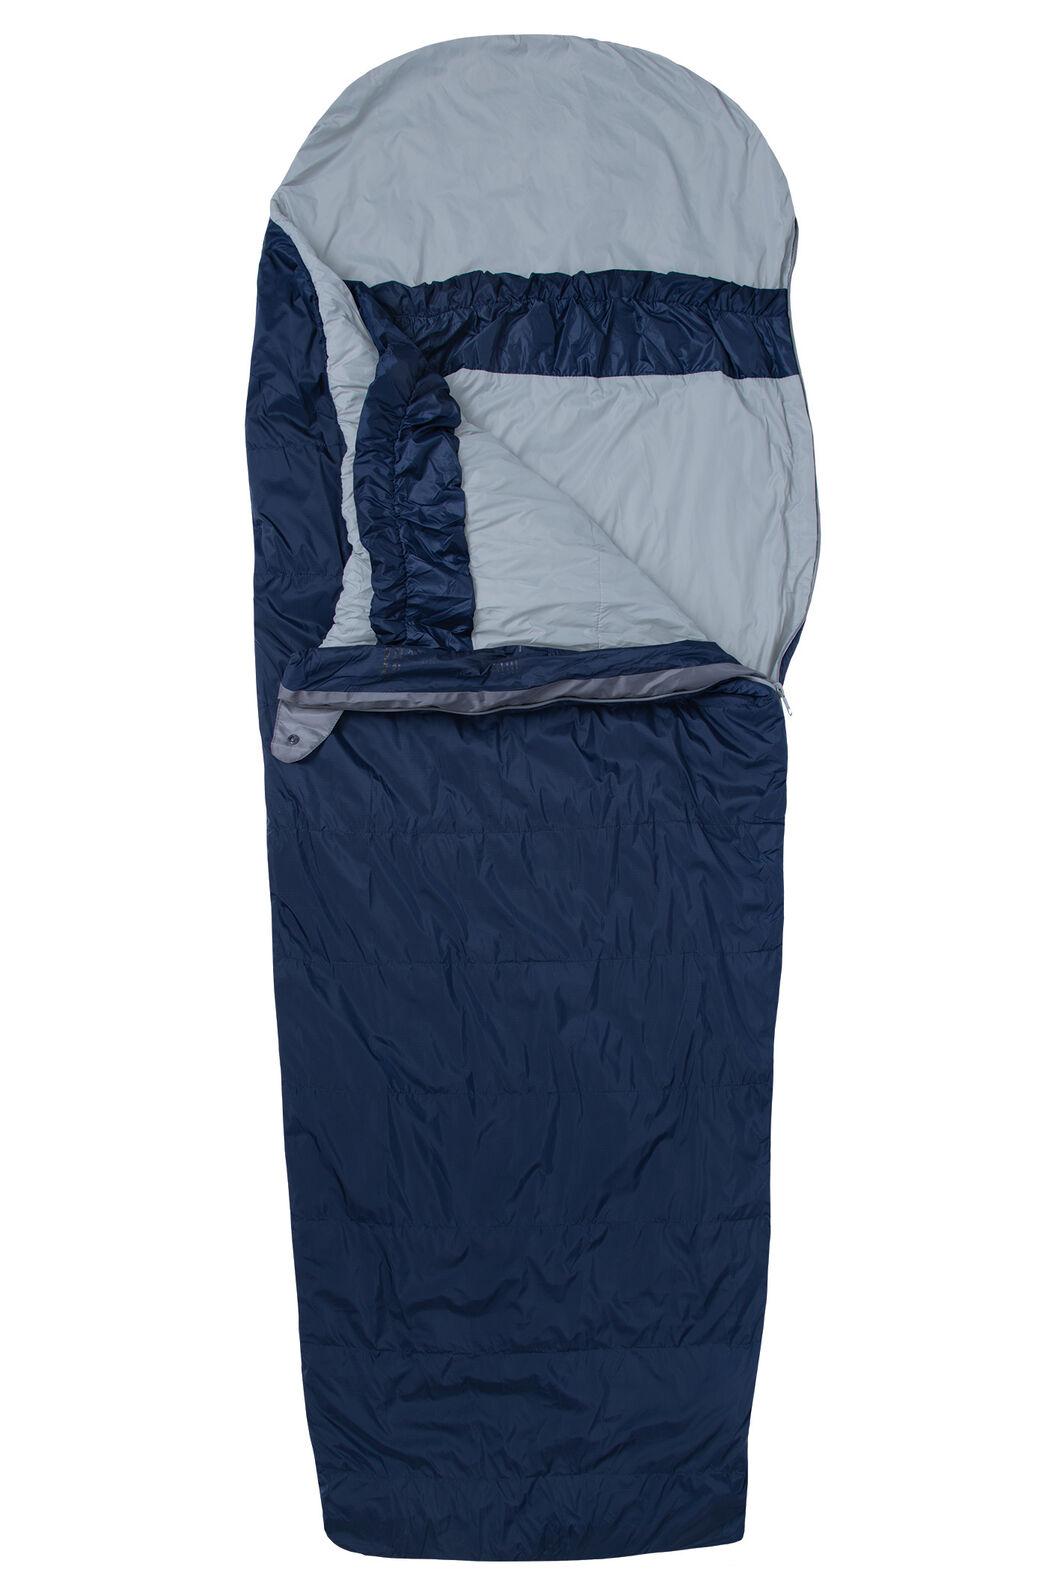 Macpac Roam 150 Synthetic VapourLite™ Sleeping Bag - Kid's, Black Iris, hi-res